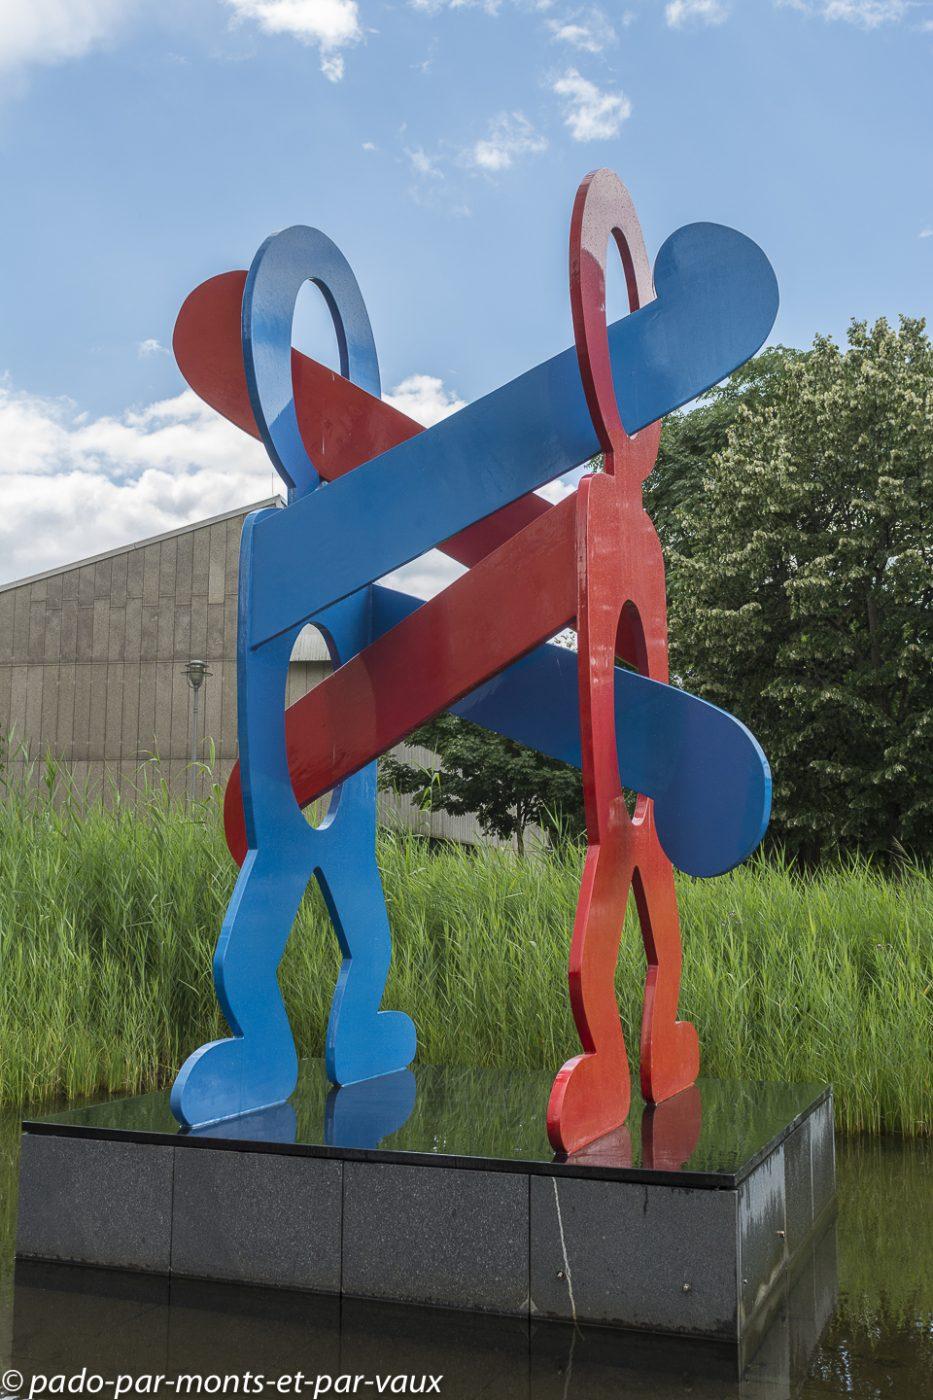 Berlin - Postdamer platz - Keith Haring